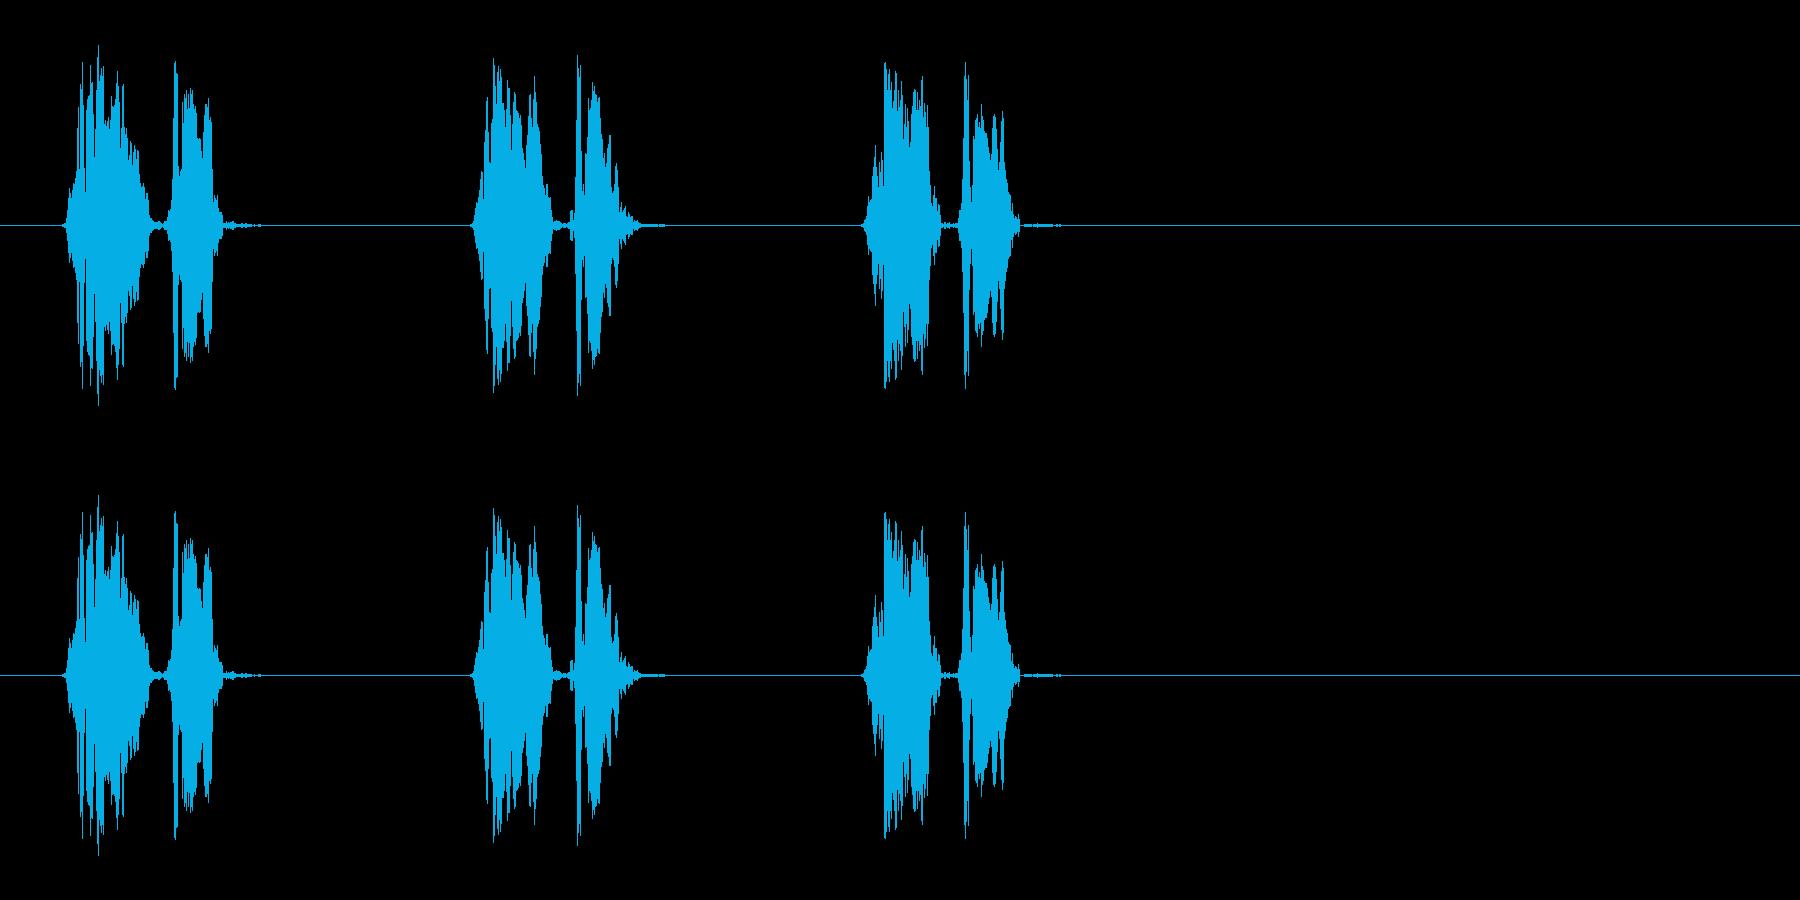 ウズラの鳴き声01-01の再生済みの波形